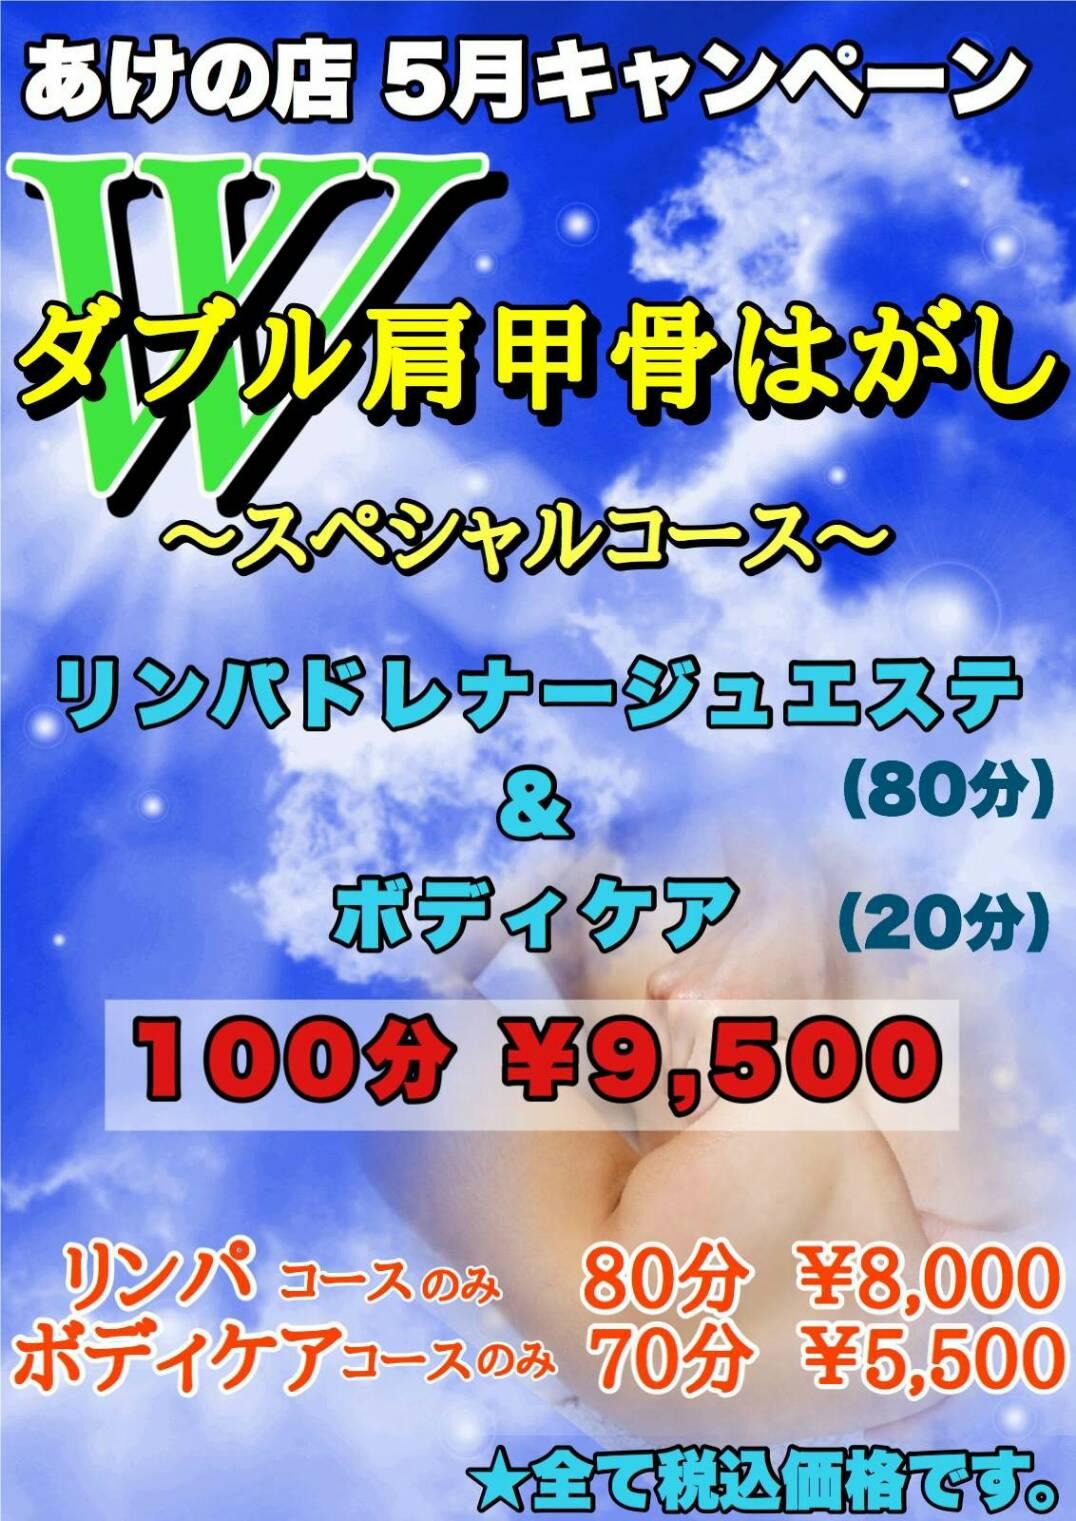 【ましゅまろ】5月キャンペーン情報1